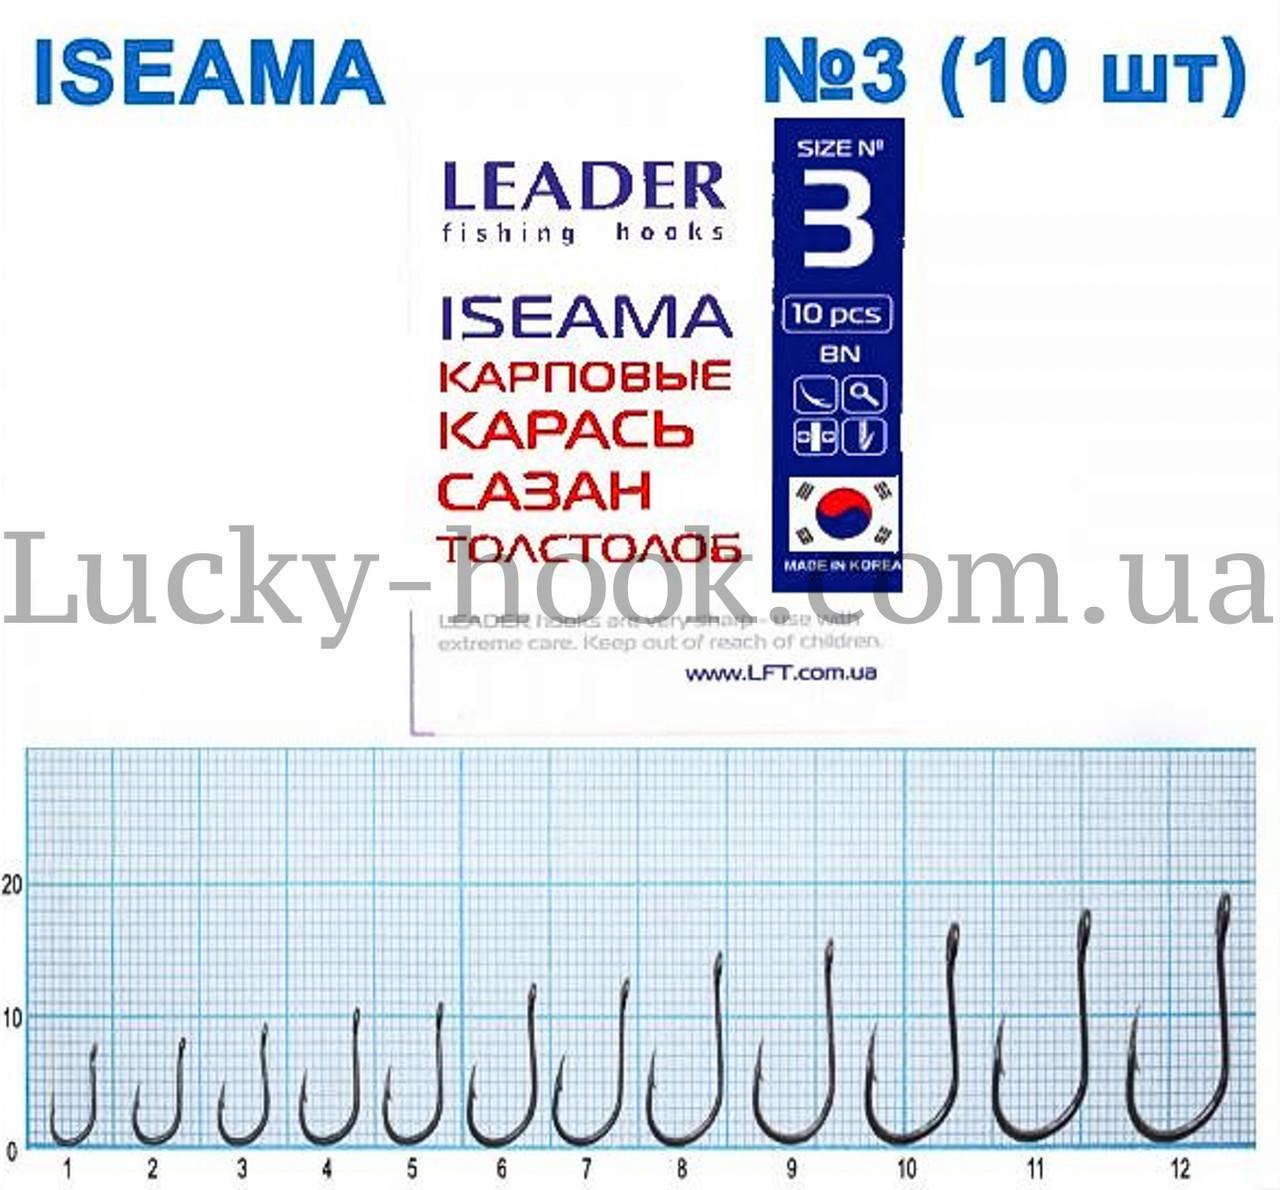 Крючок Leader ISEAMA (карась, сазан, толстолоб) №3